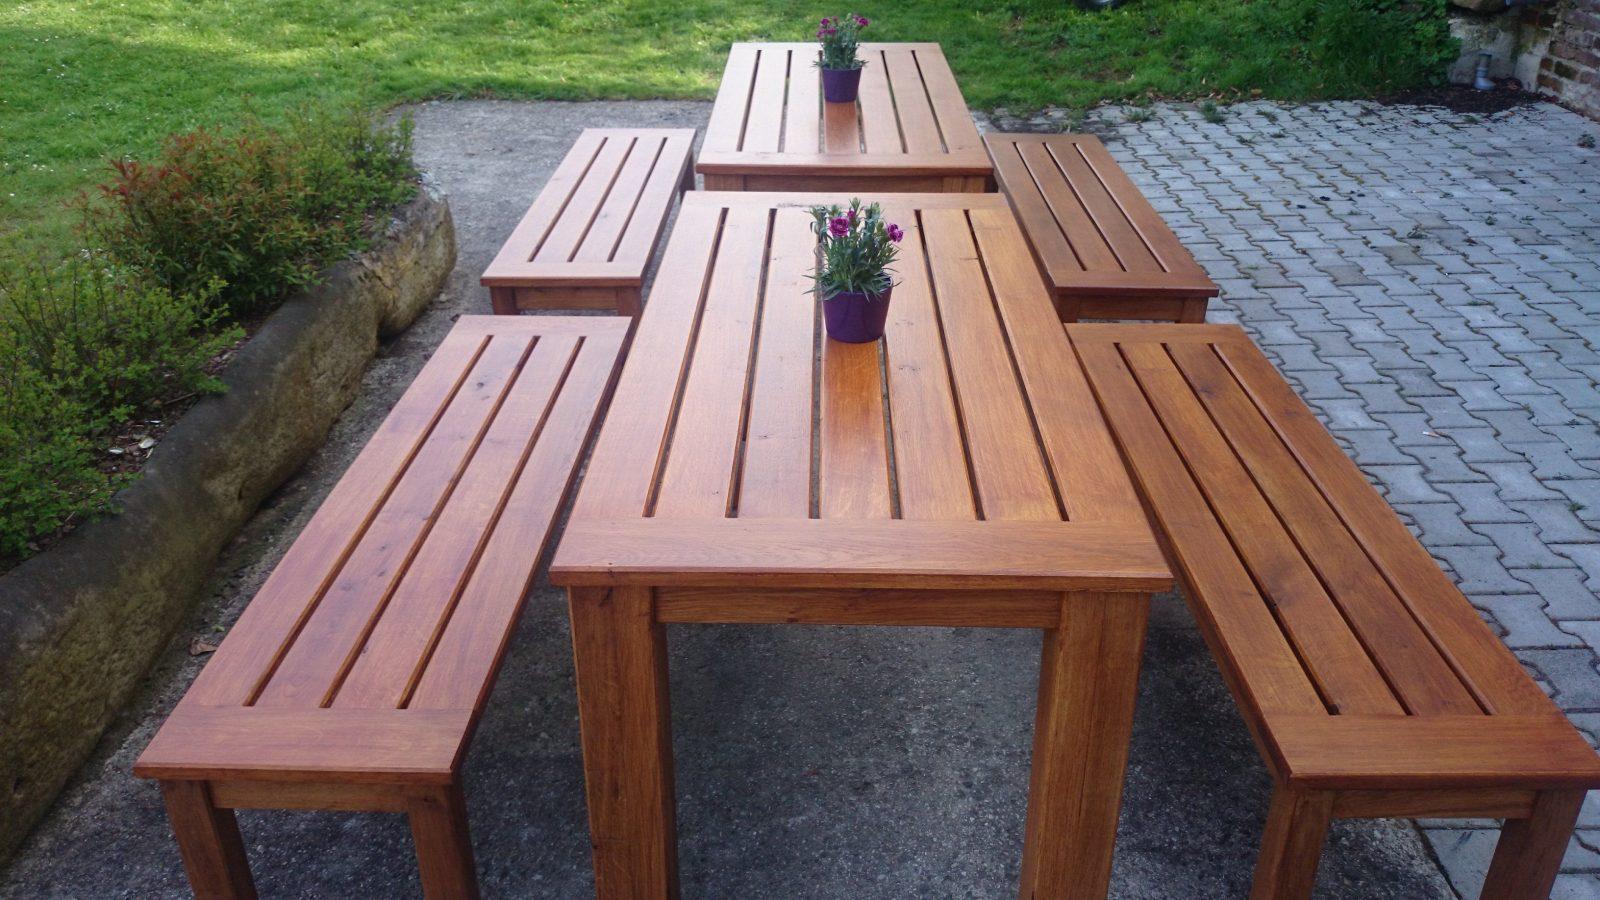 Gartenmöbel von Gartentisch Mit 2 Bänken Bild